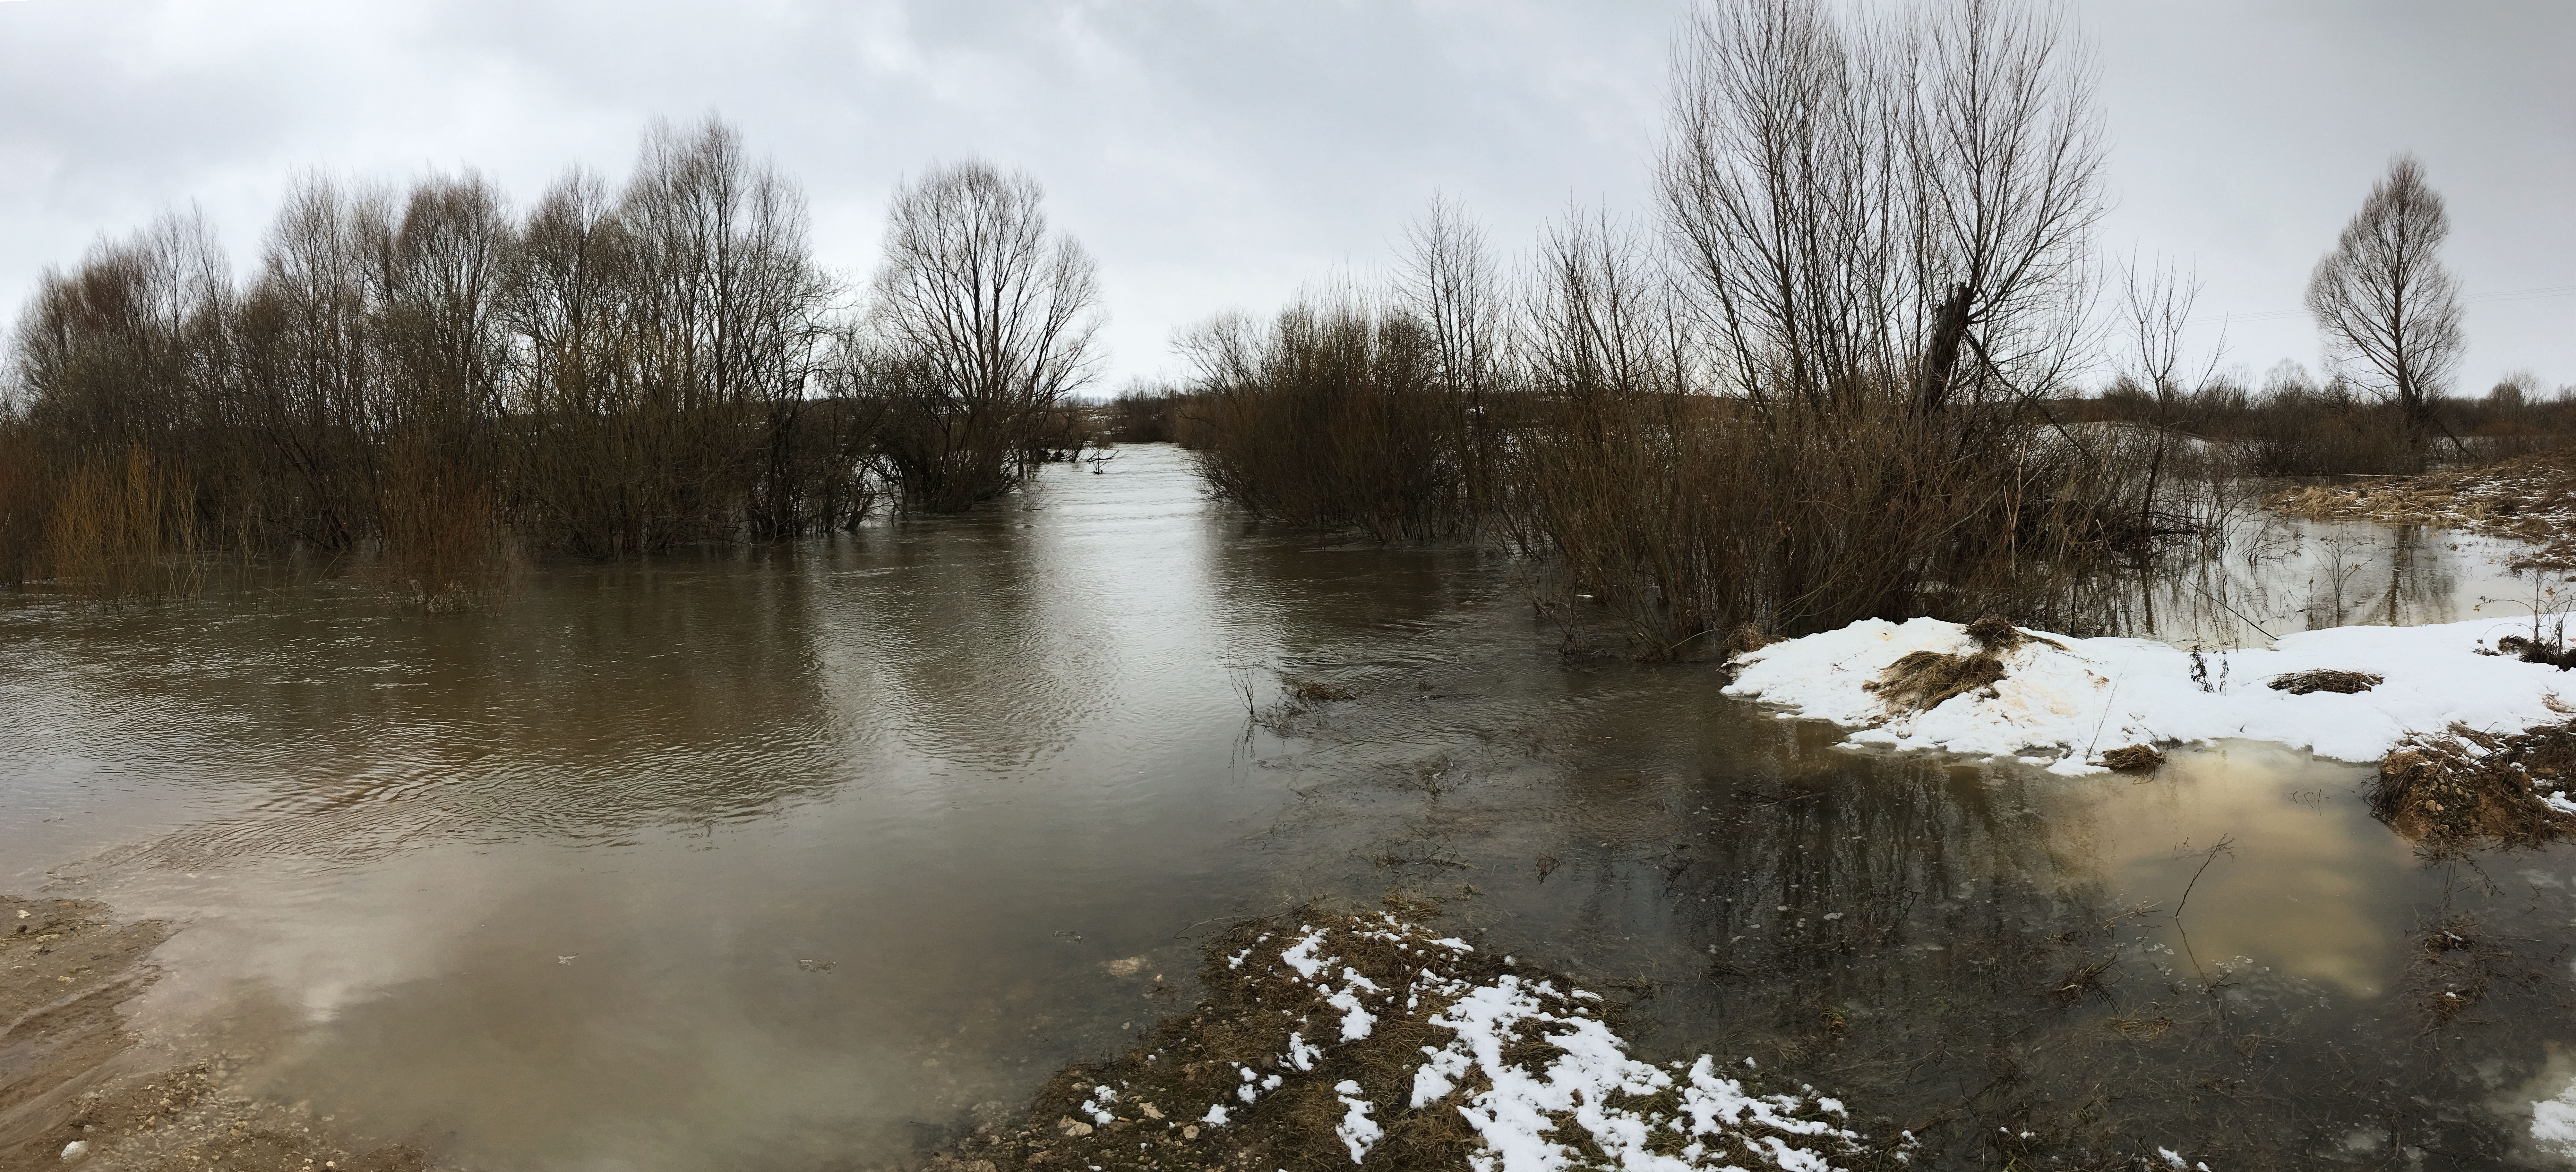 Река Пьяна весеннее половодье рыбалка пейзажи природы Альберт Сафиуллин